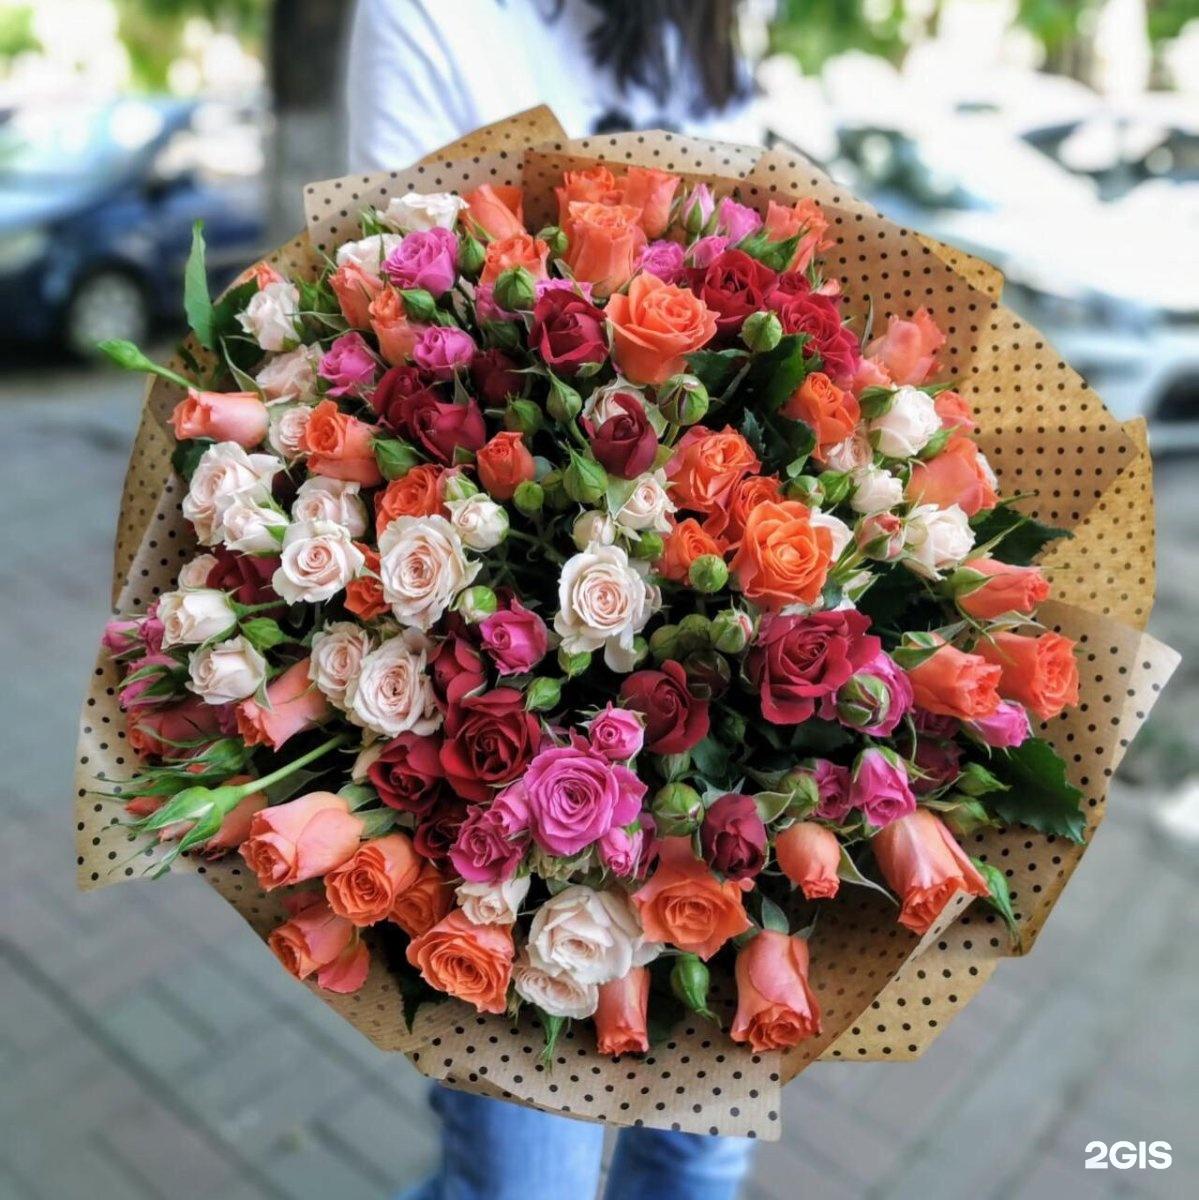 Букет красно-белый, доставка цветов г белгород круглосуточно